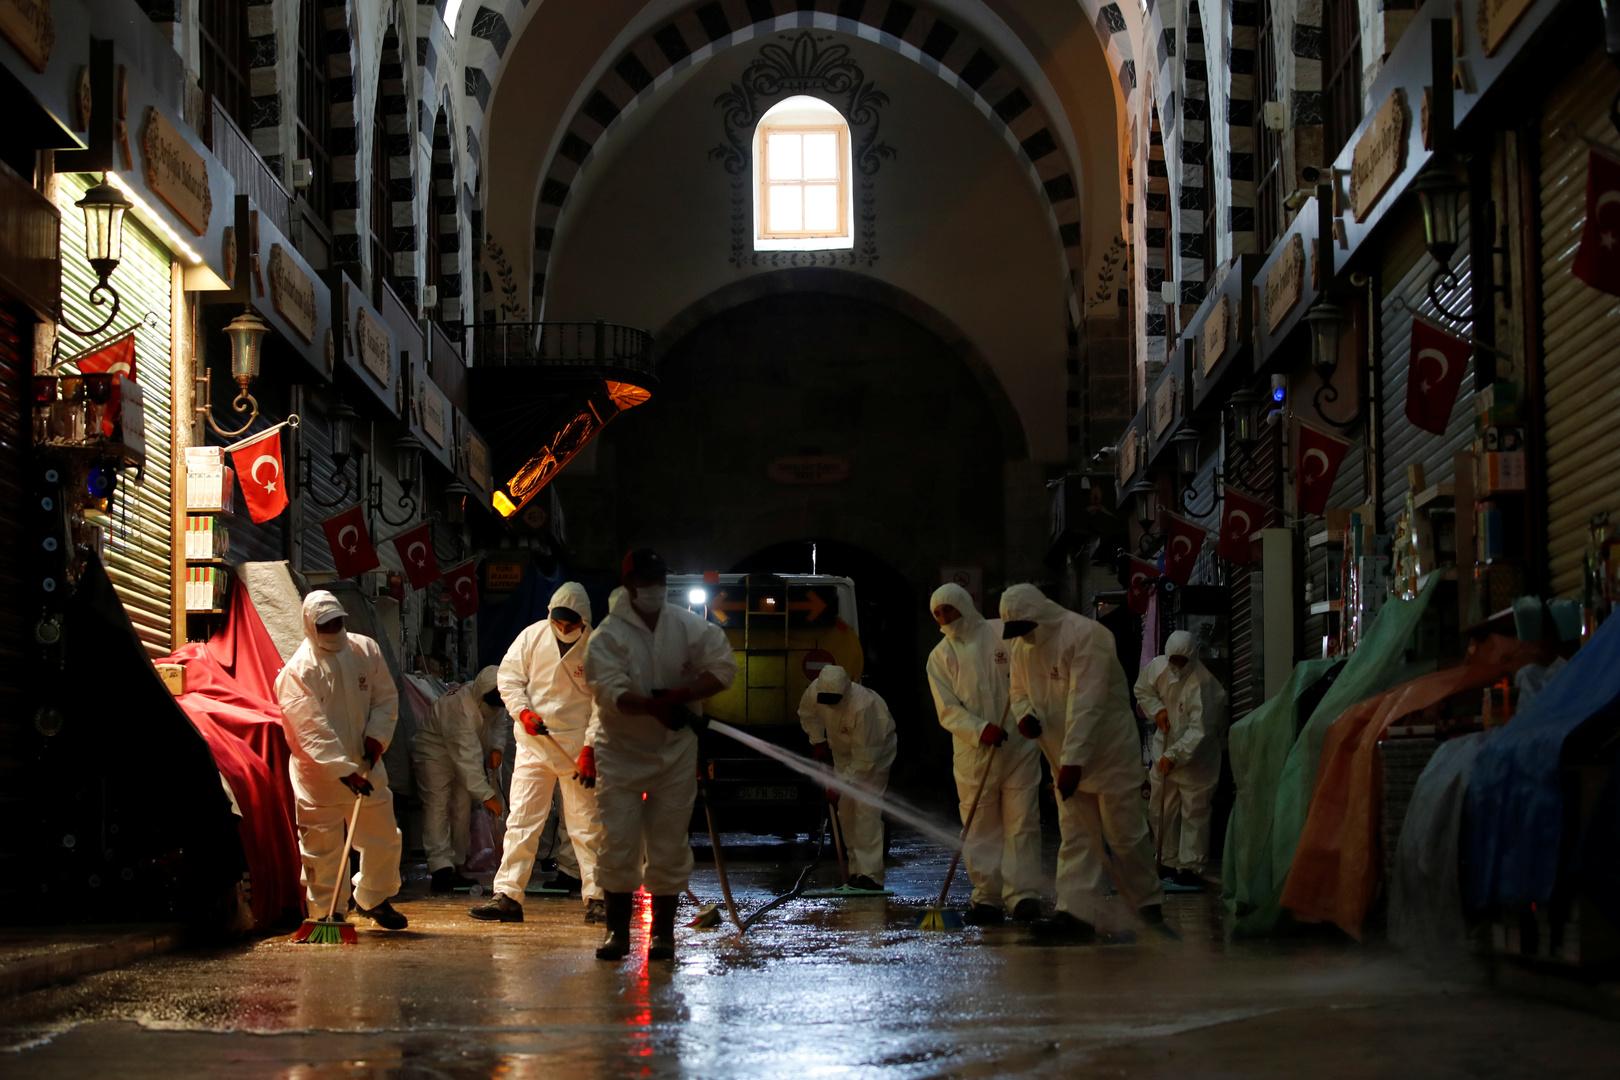 تركيا تسجل تراجعا جديدا للإصابات والوفيات بفيروس كورونا